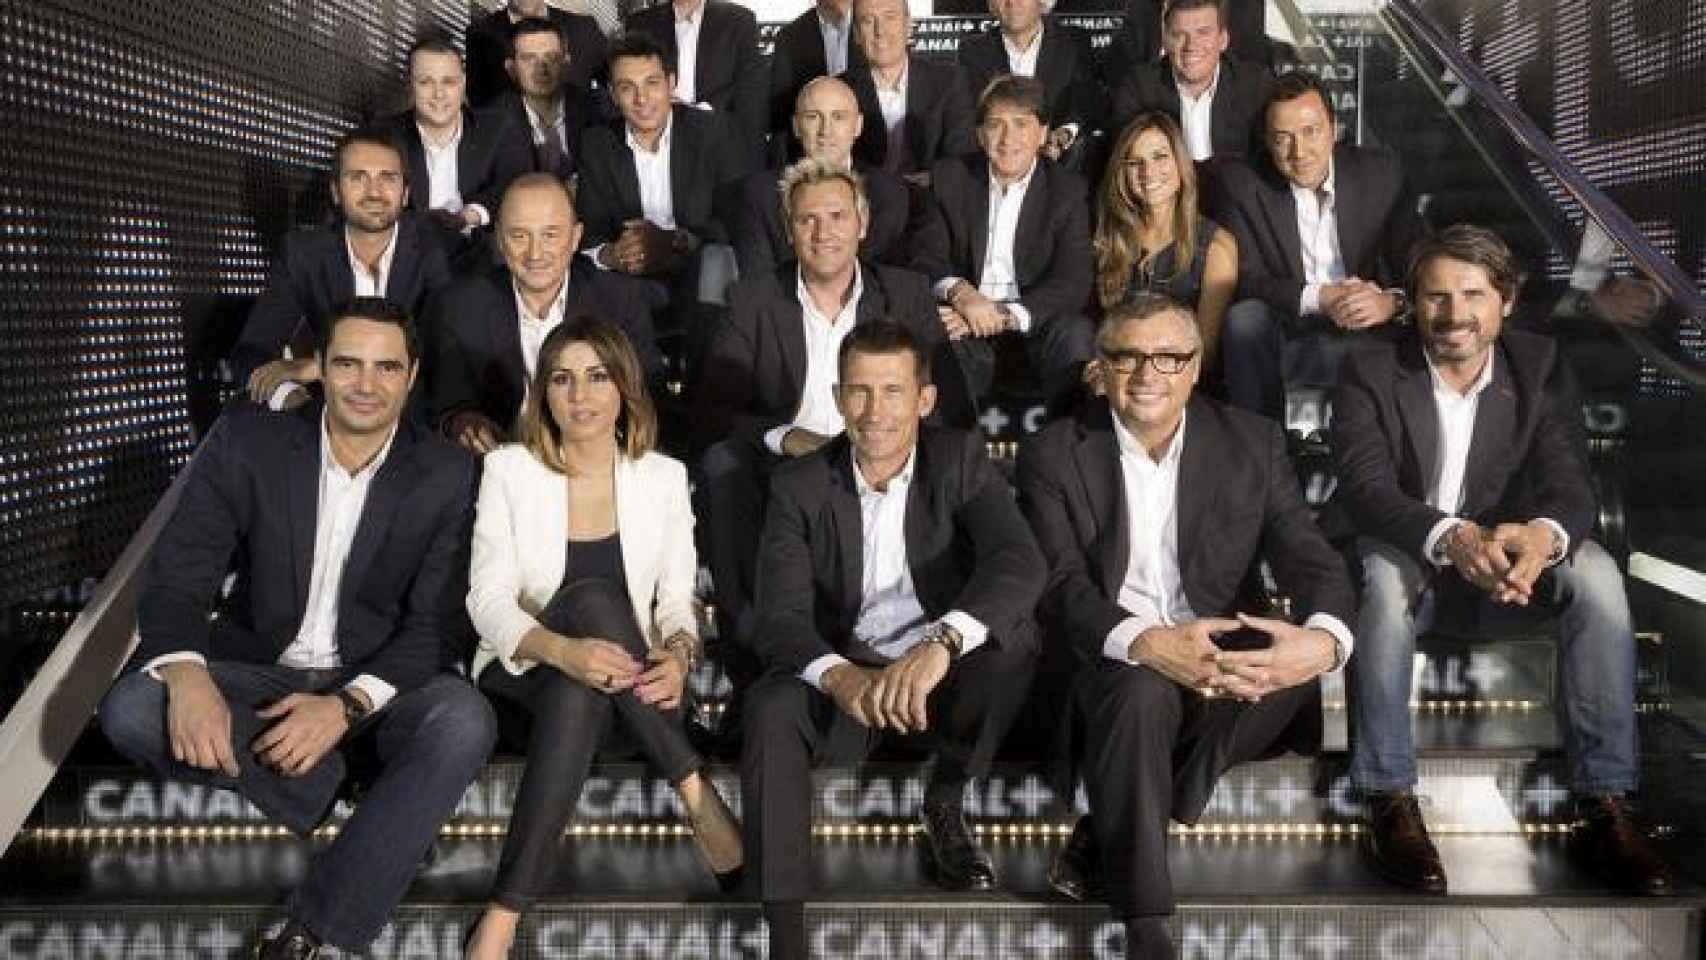 Equipo de deportes de Canal+ antes de la llegada de Movistar.